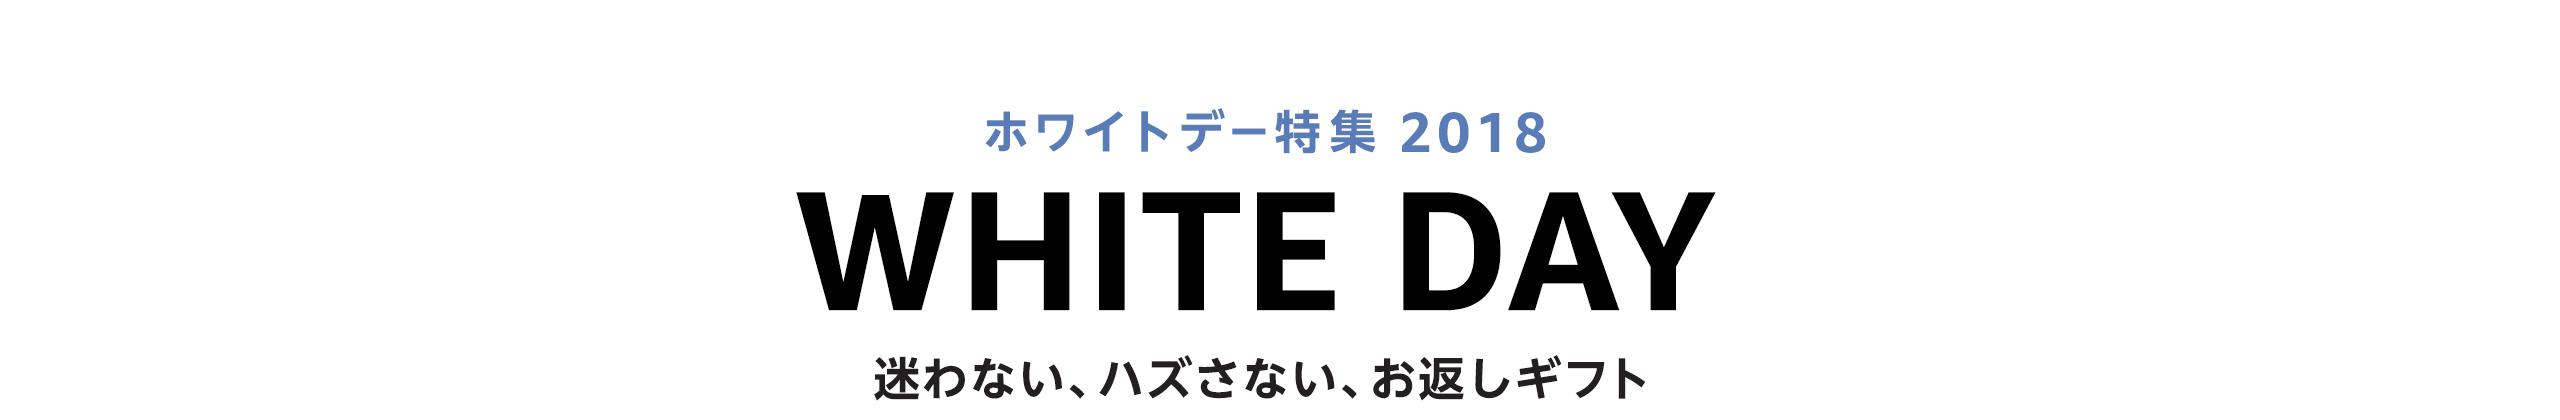 ホワイトデー特集2018